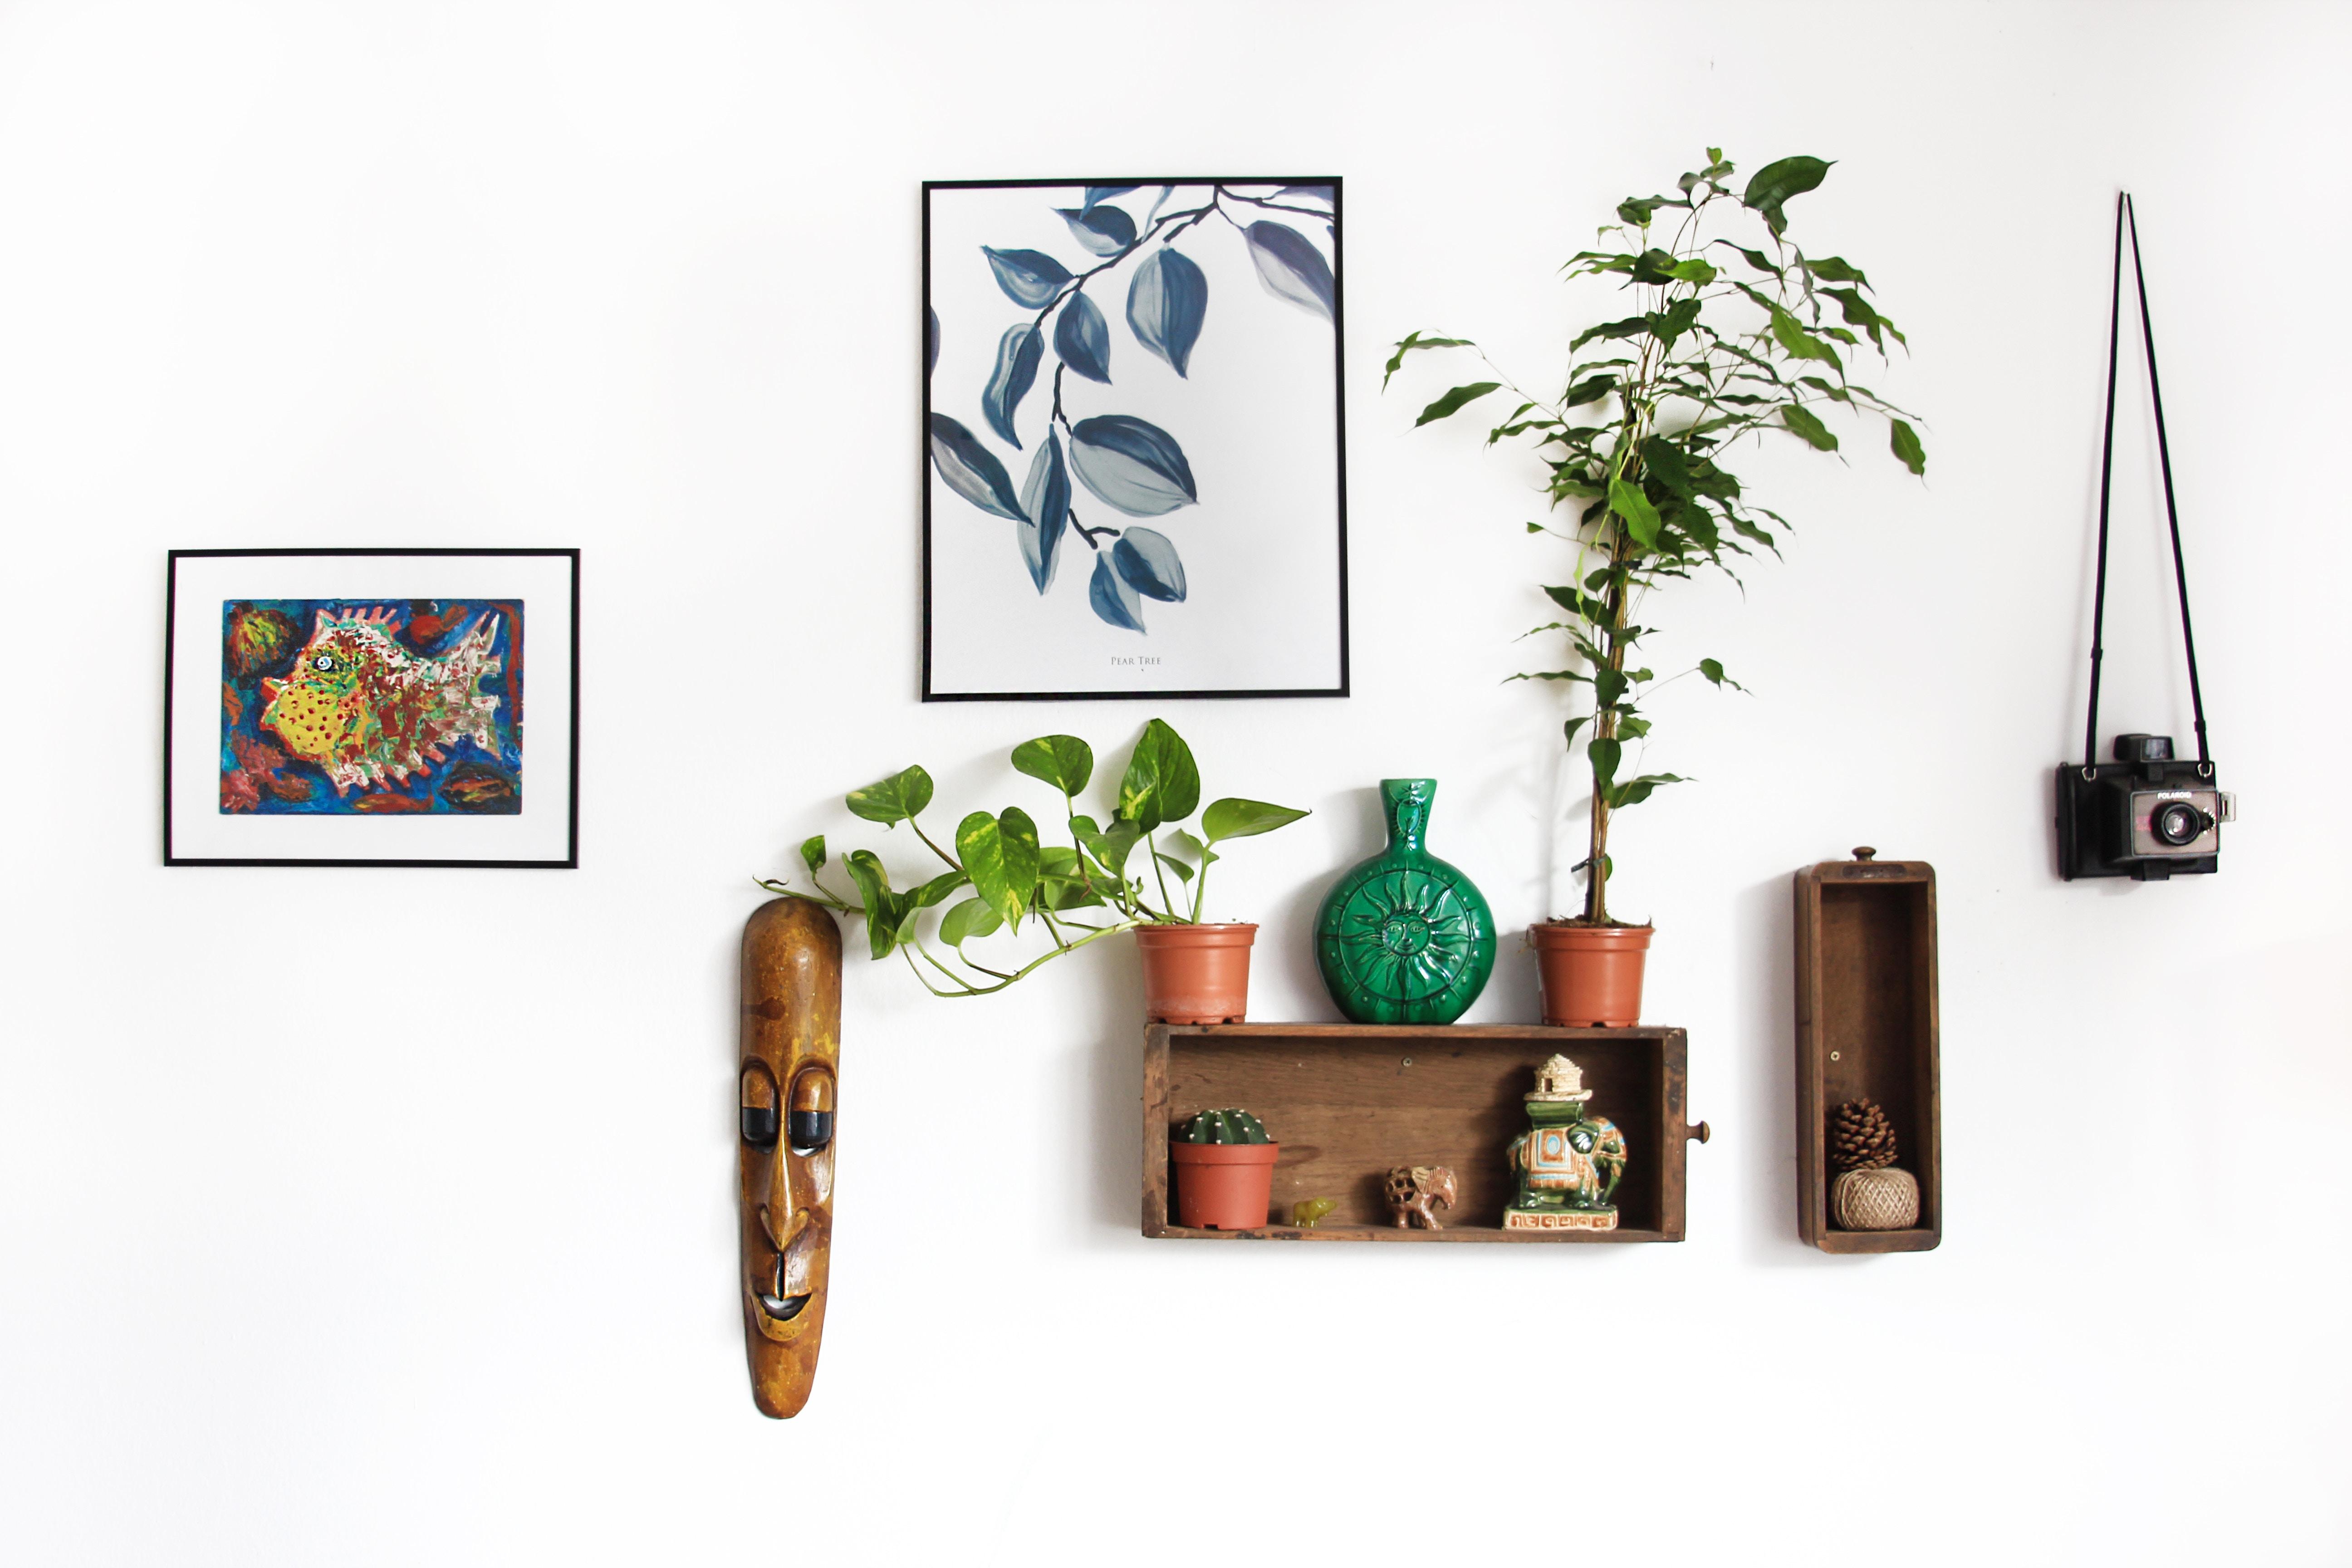 artwork and shelves